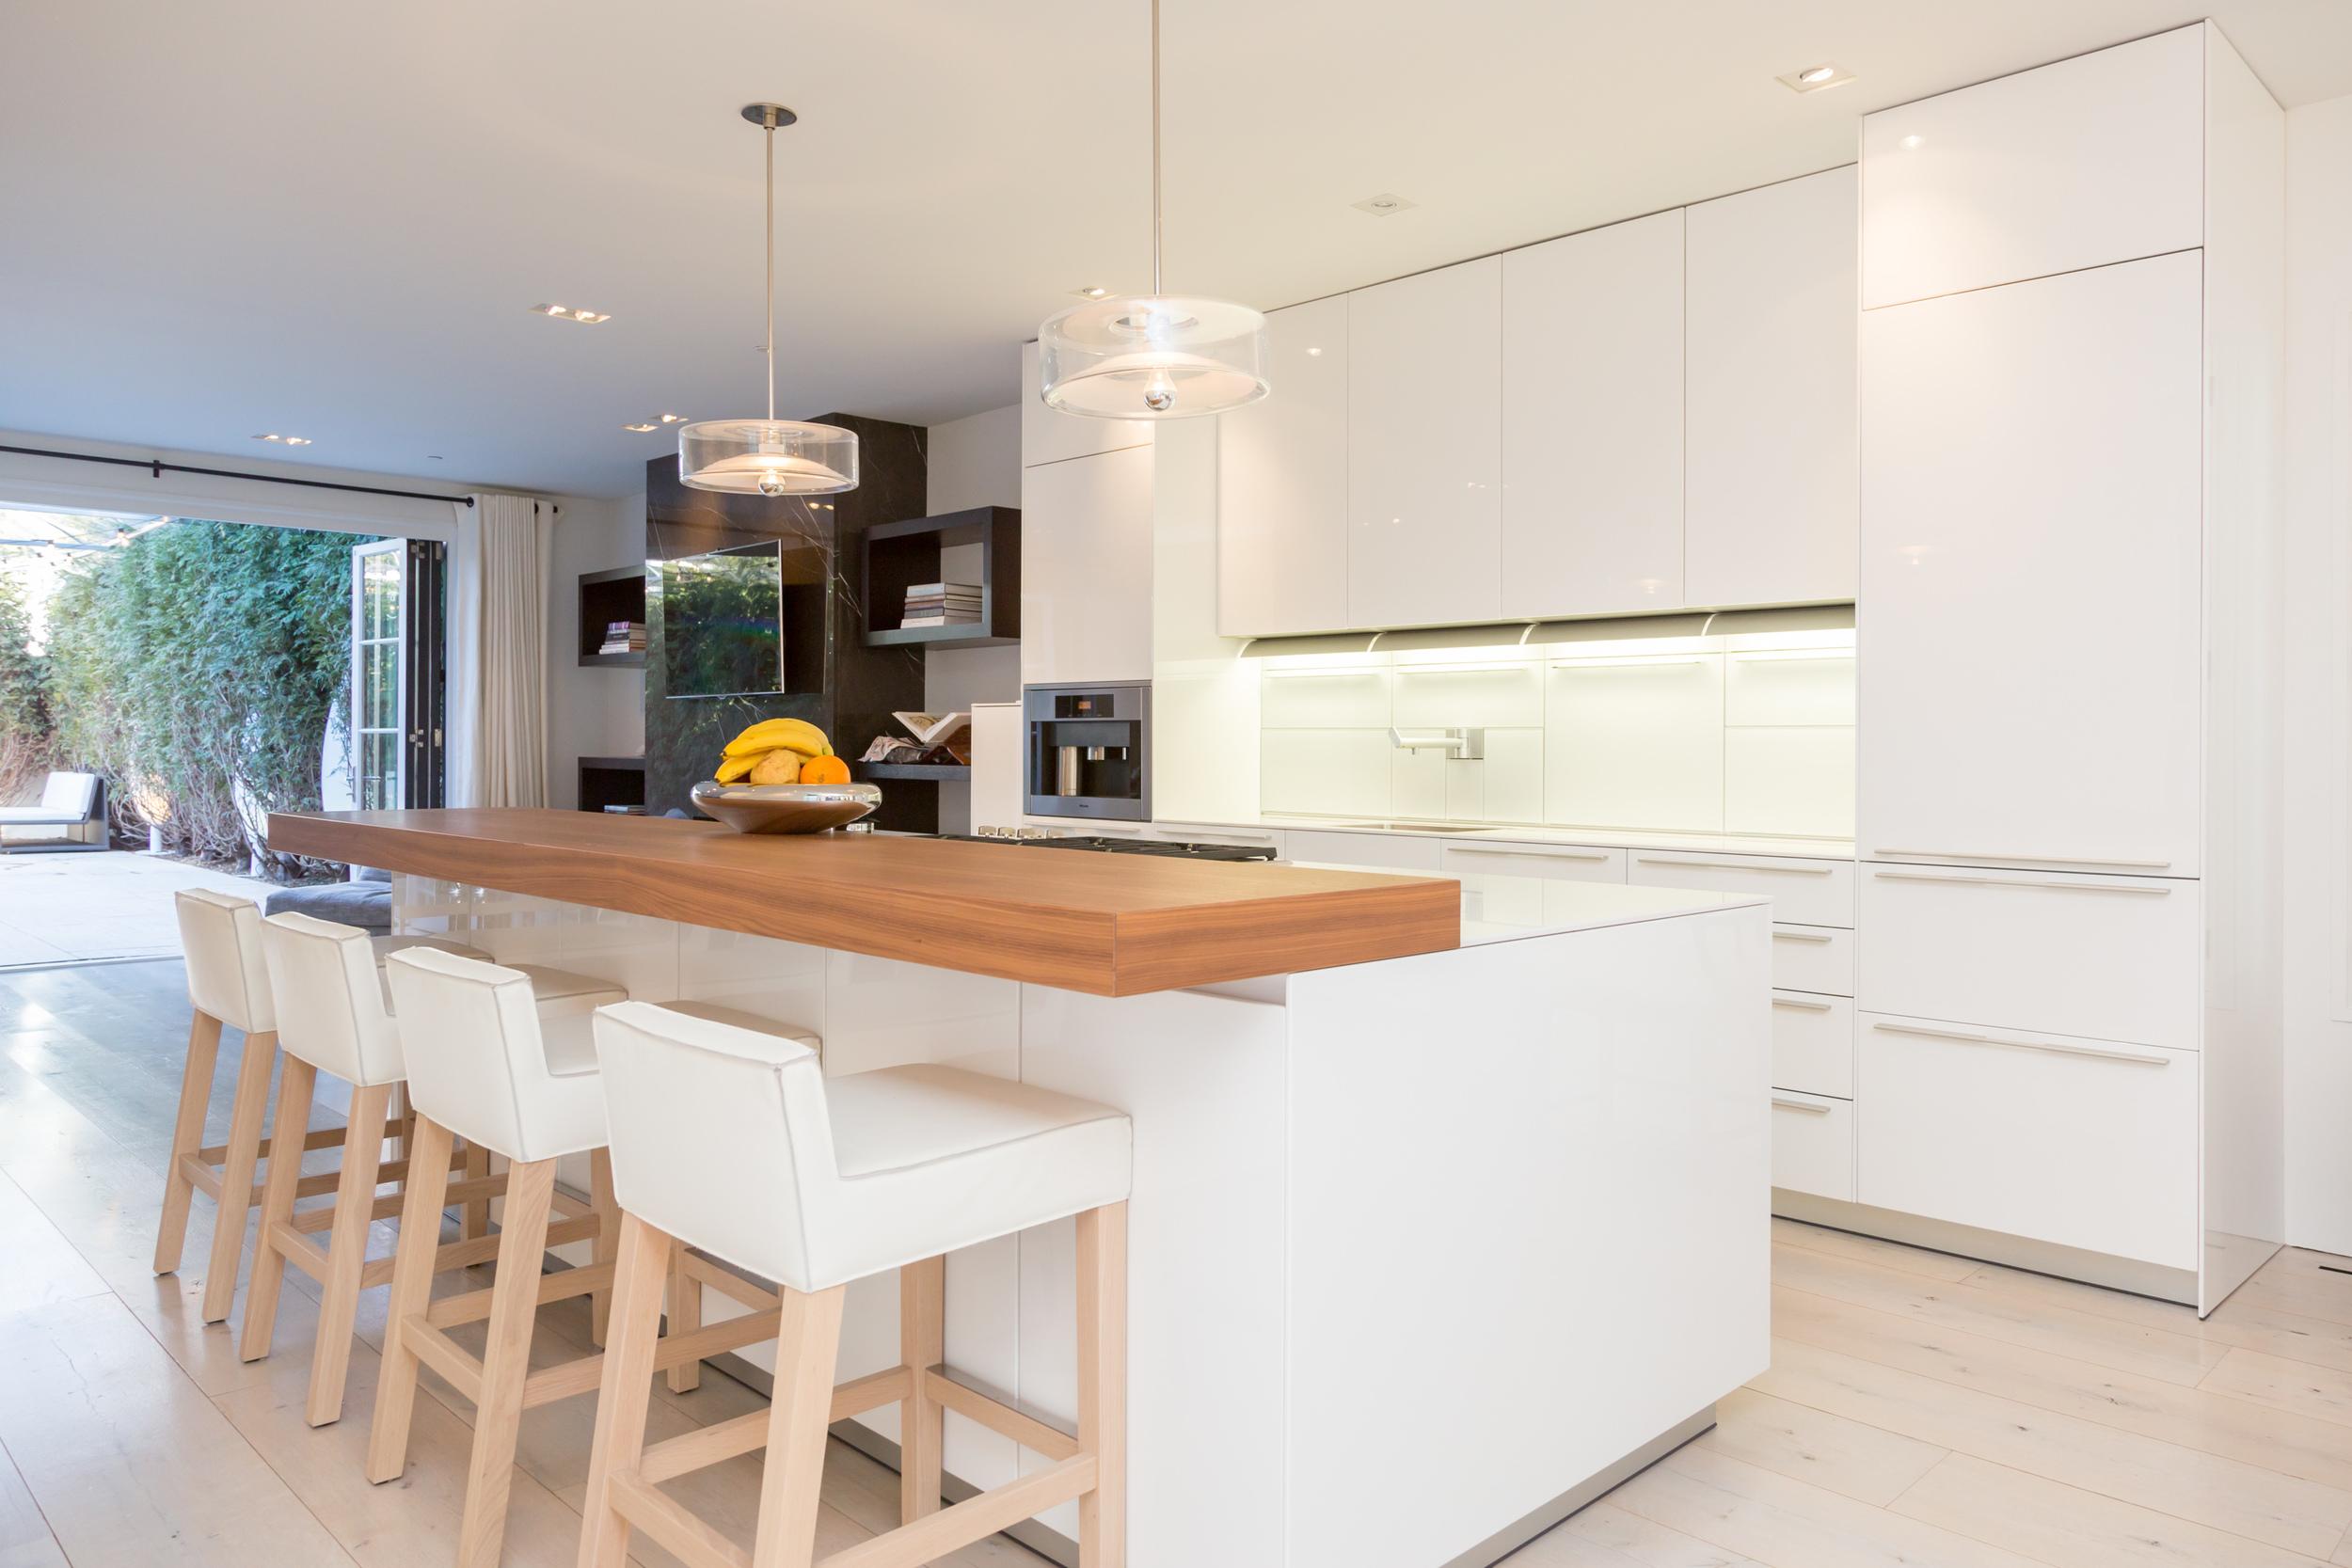 17 Kitchen 2.jpg